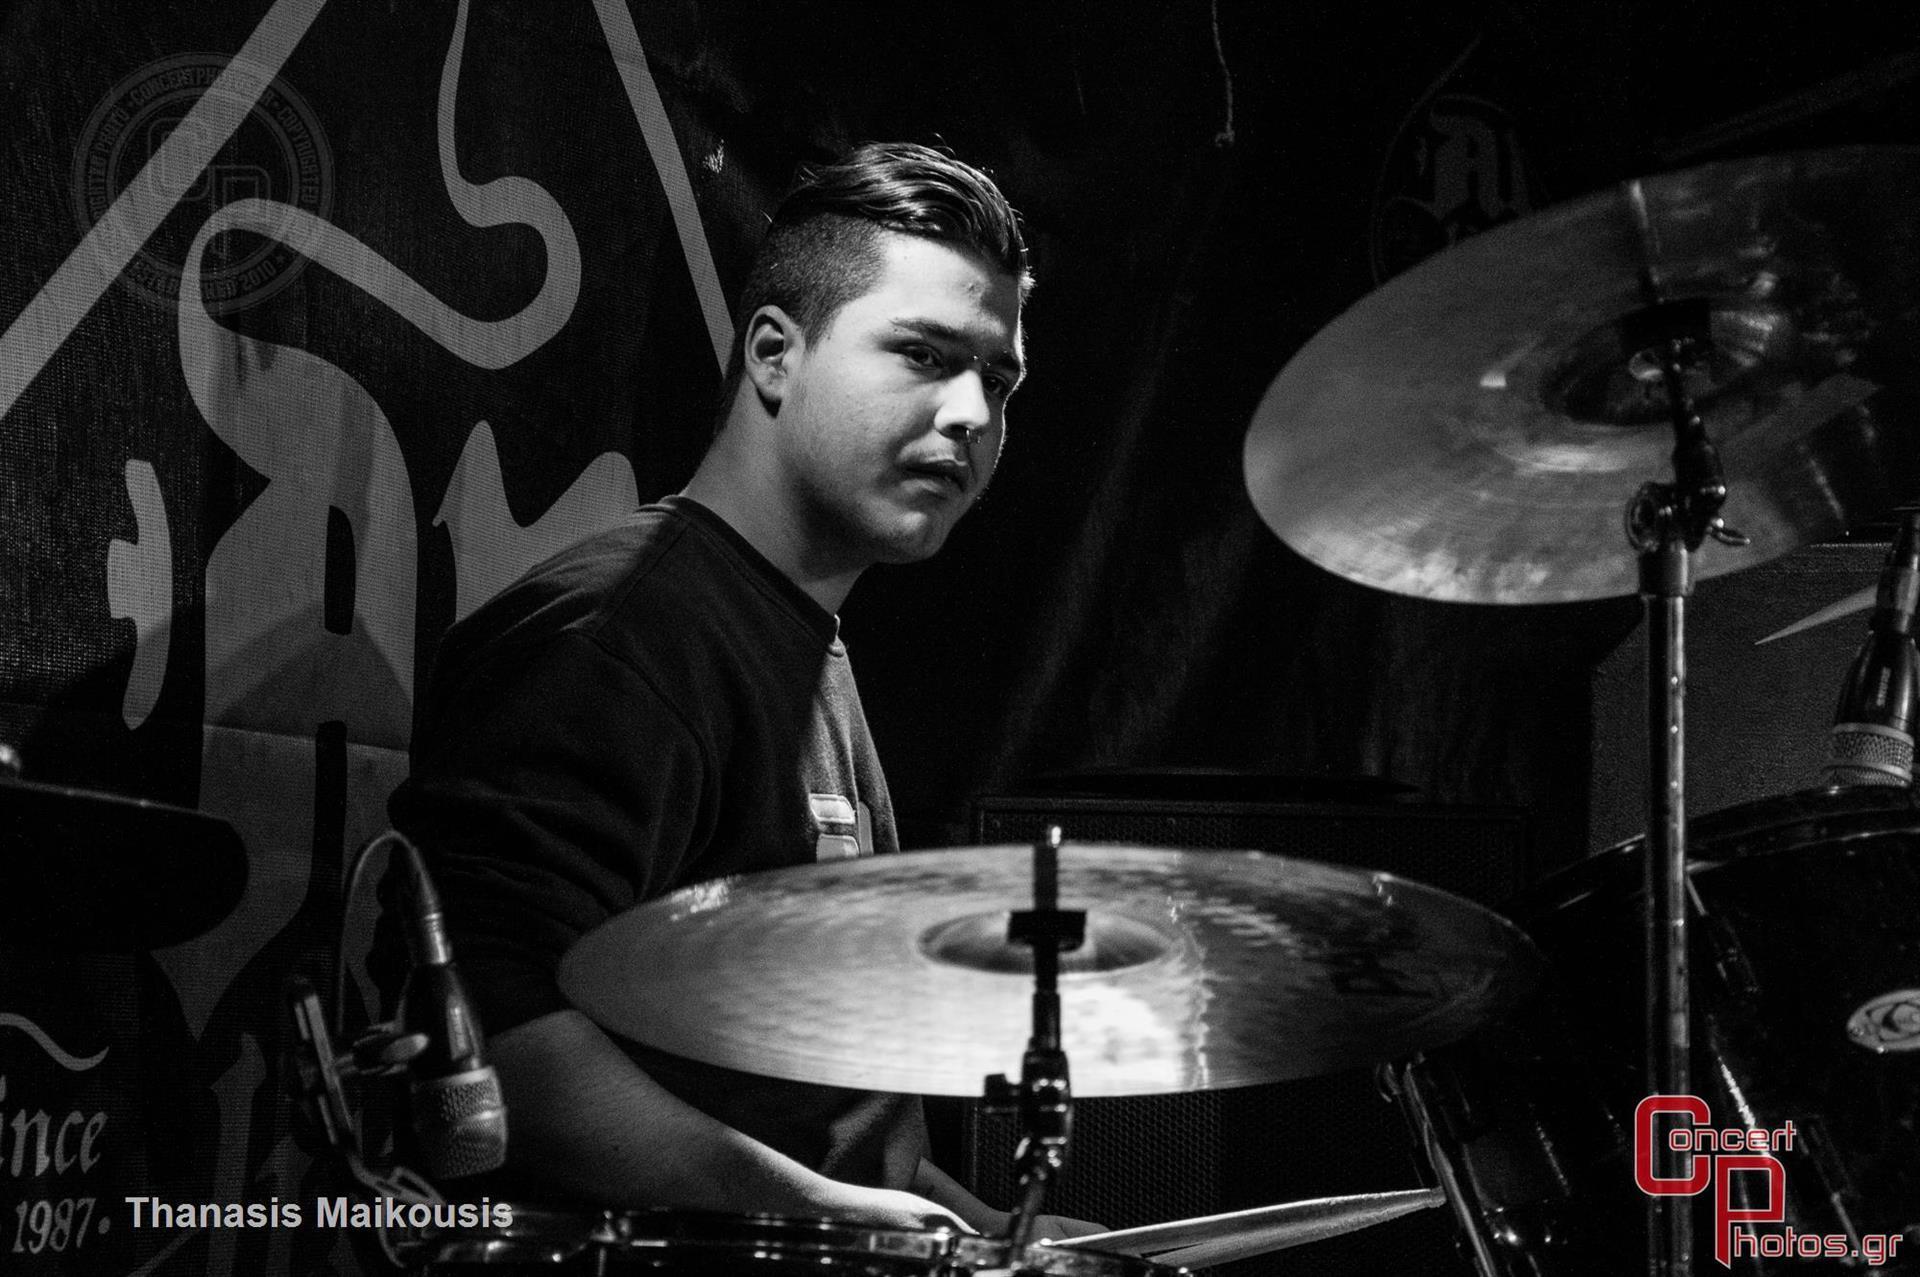 Battle Of The Bands Leg 5-Battle Of The Bands Leg 4 photographer: Thanasis Maikousis - ConcertPhotos - 20150315_2139_23